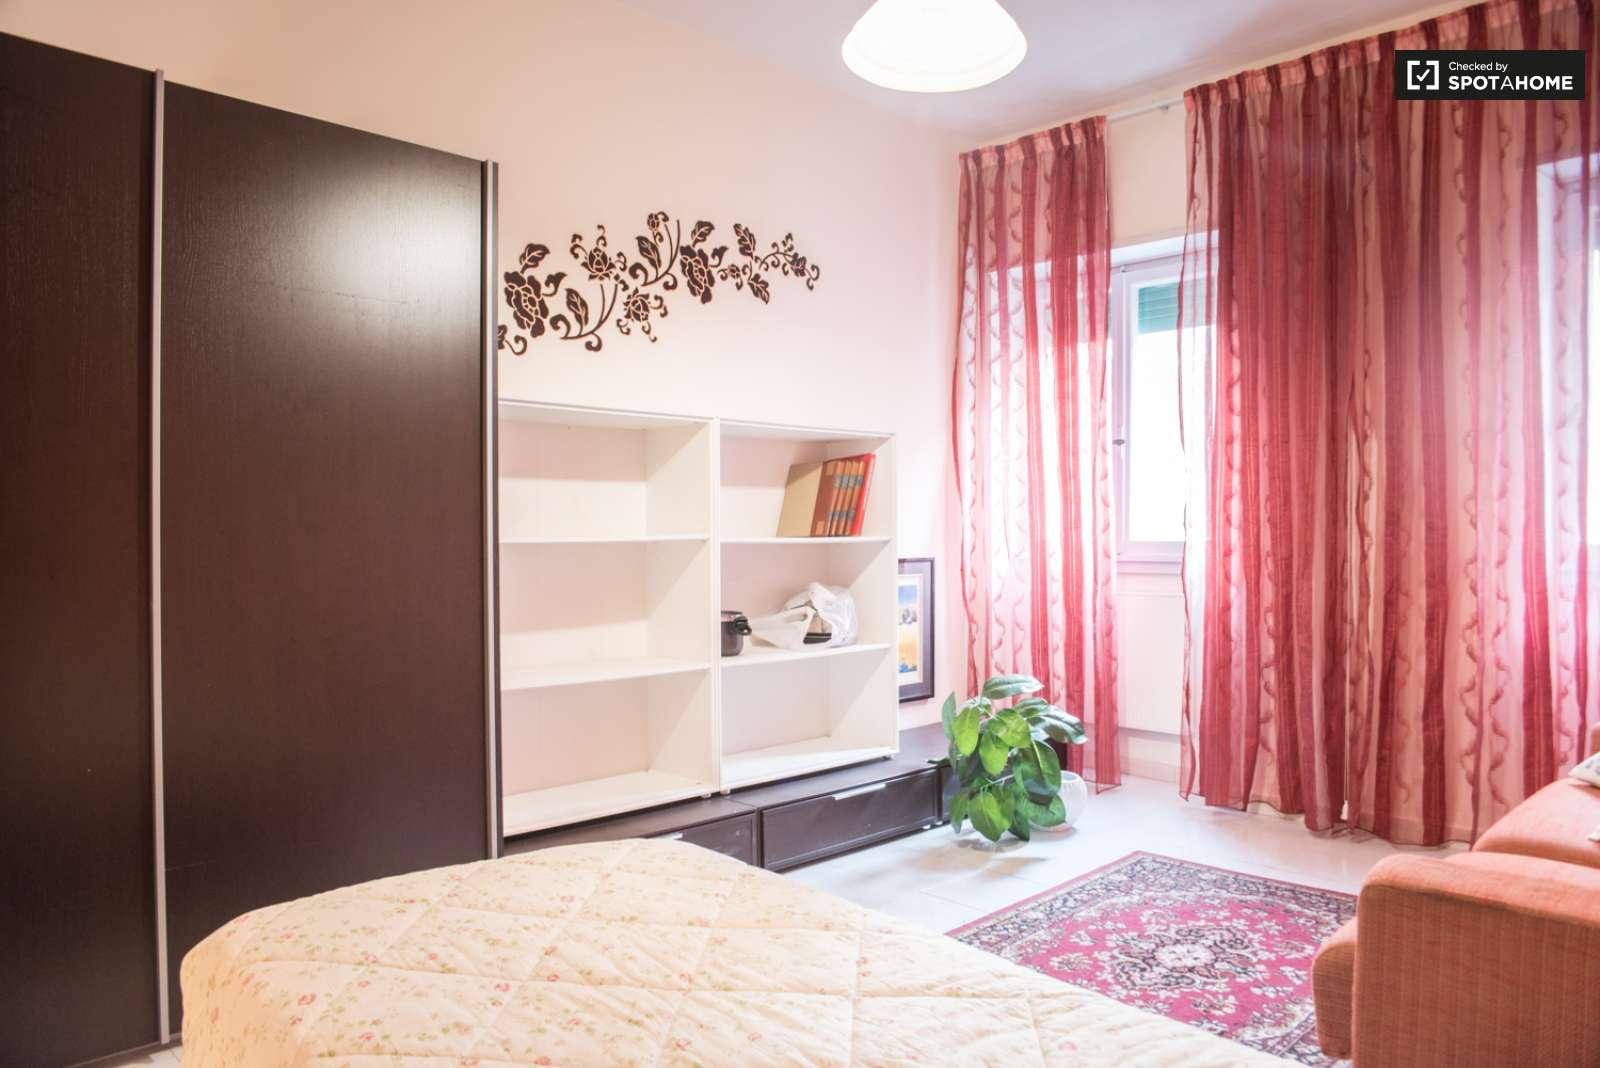 Incredibile stanza per universitari, disponibile per un ...